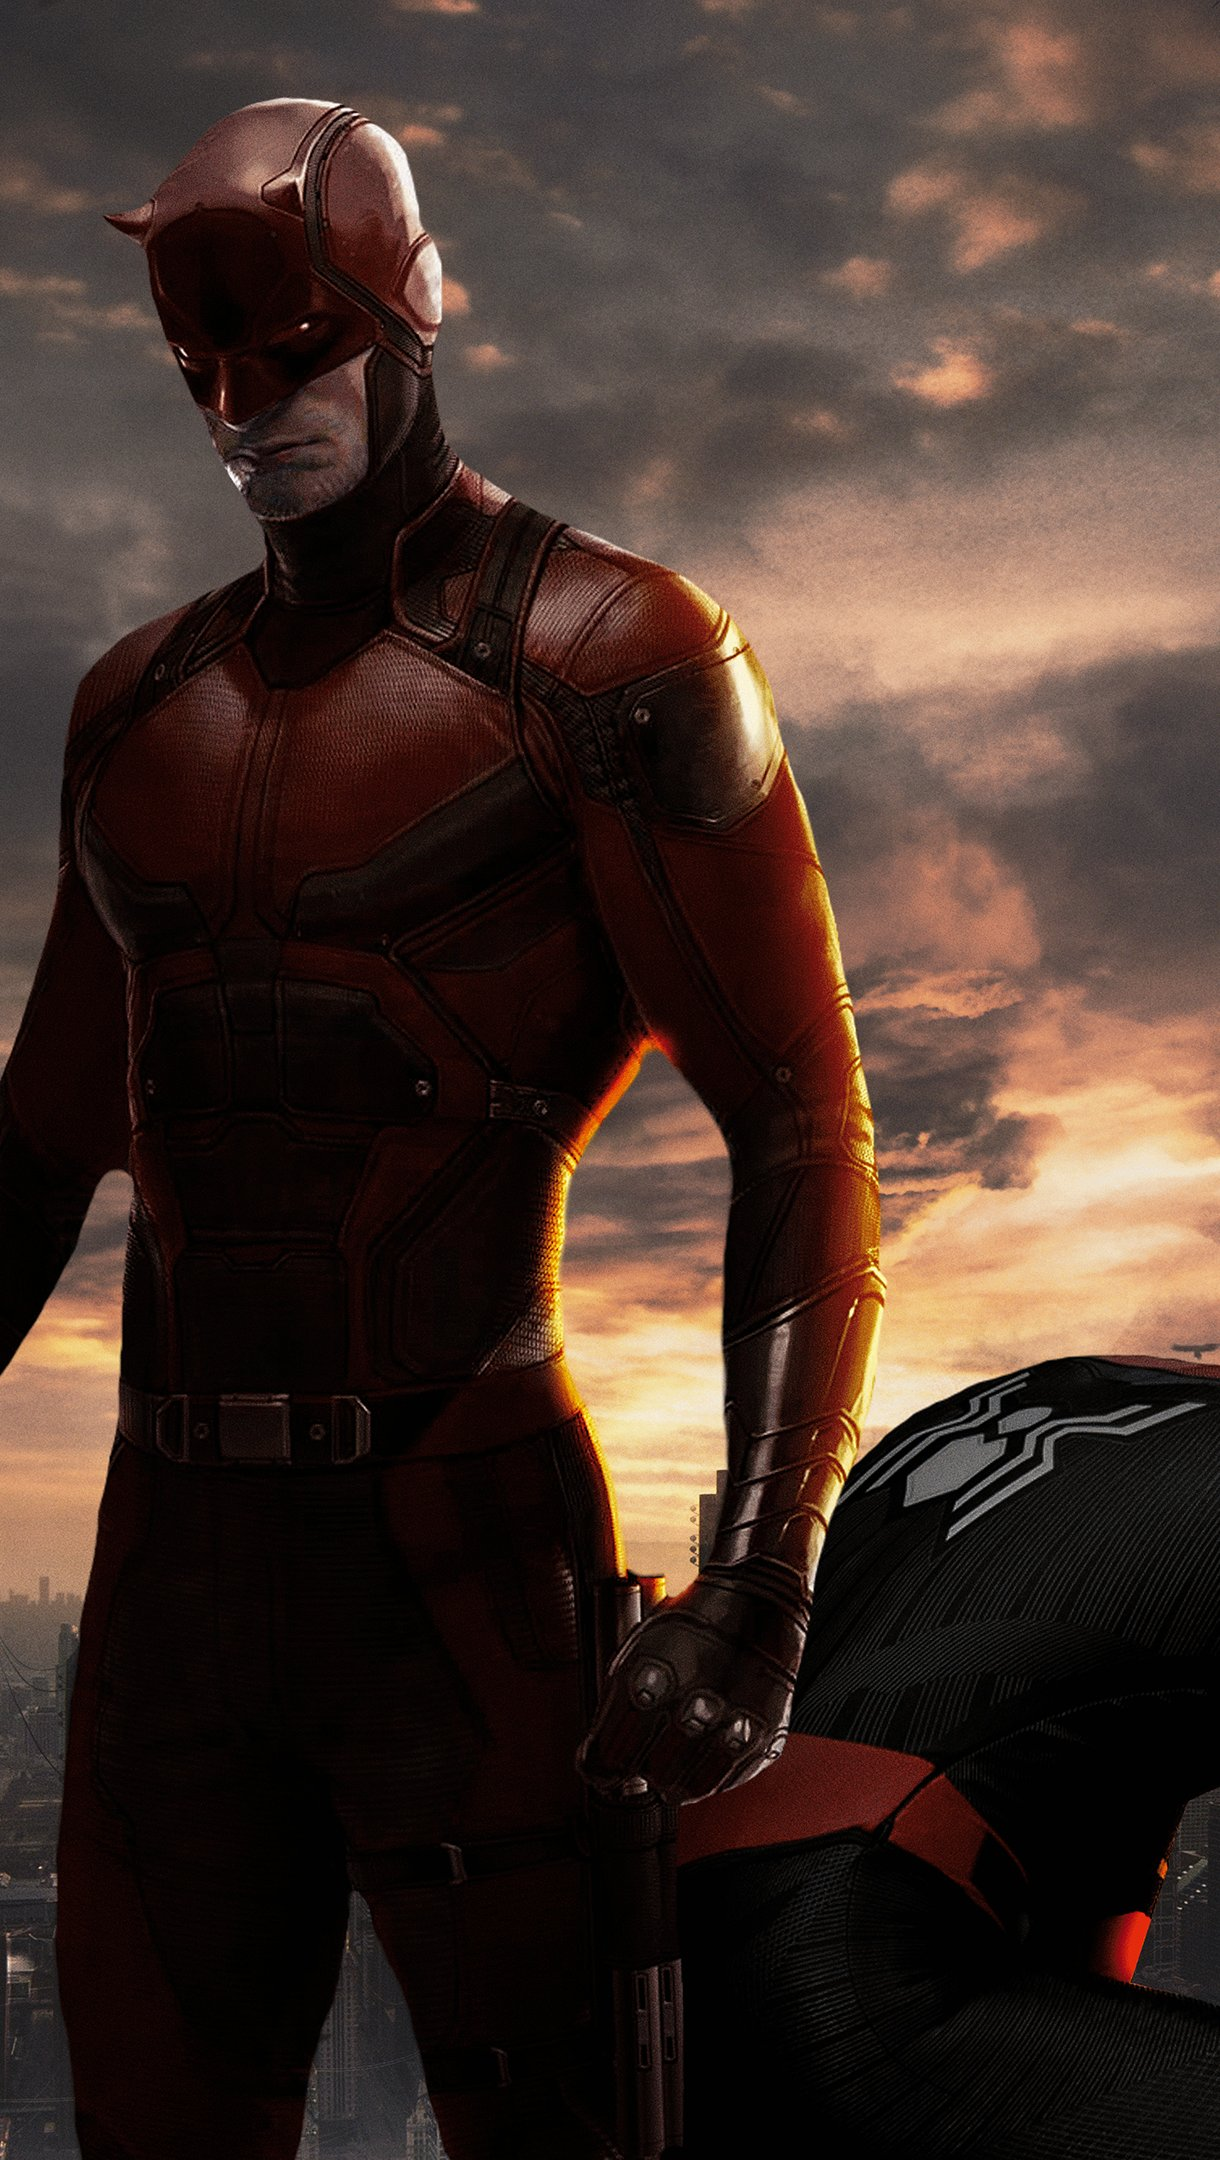 Fondos de pantalla Daredevil y el hombre araña Vertical